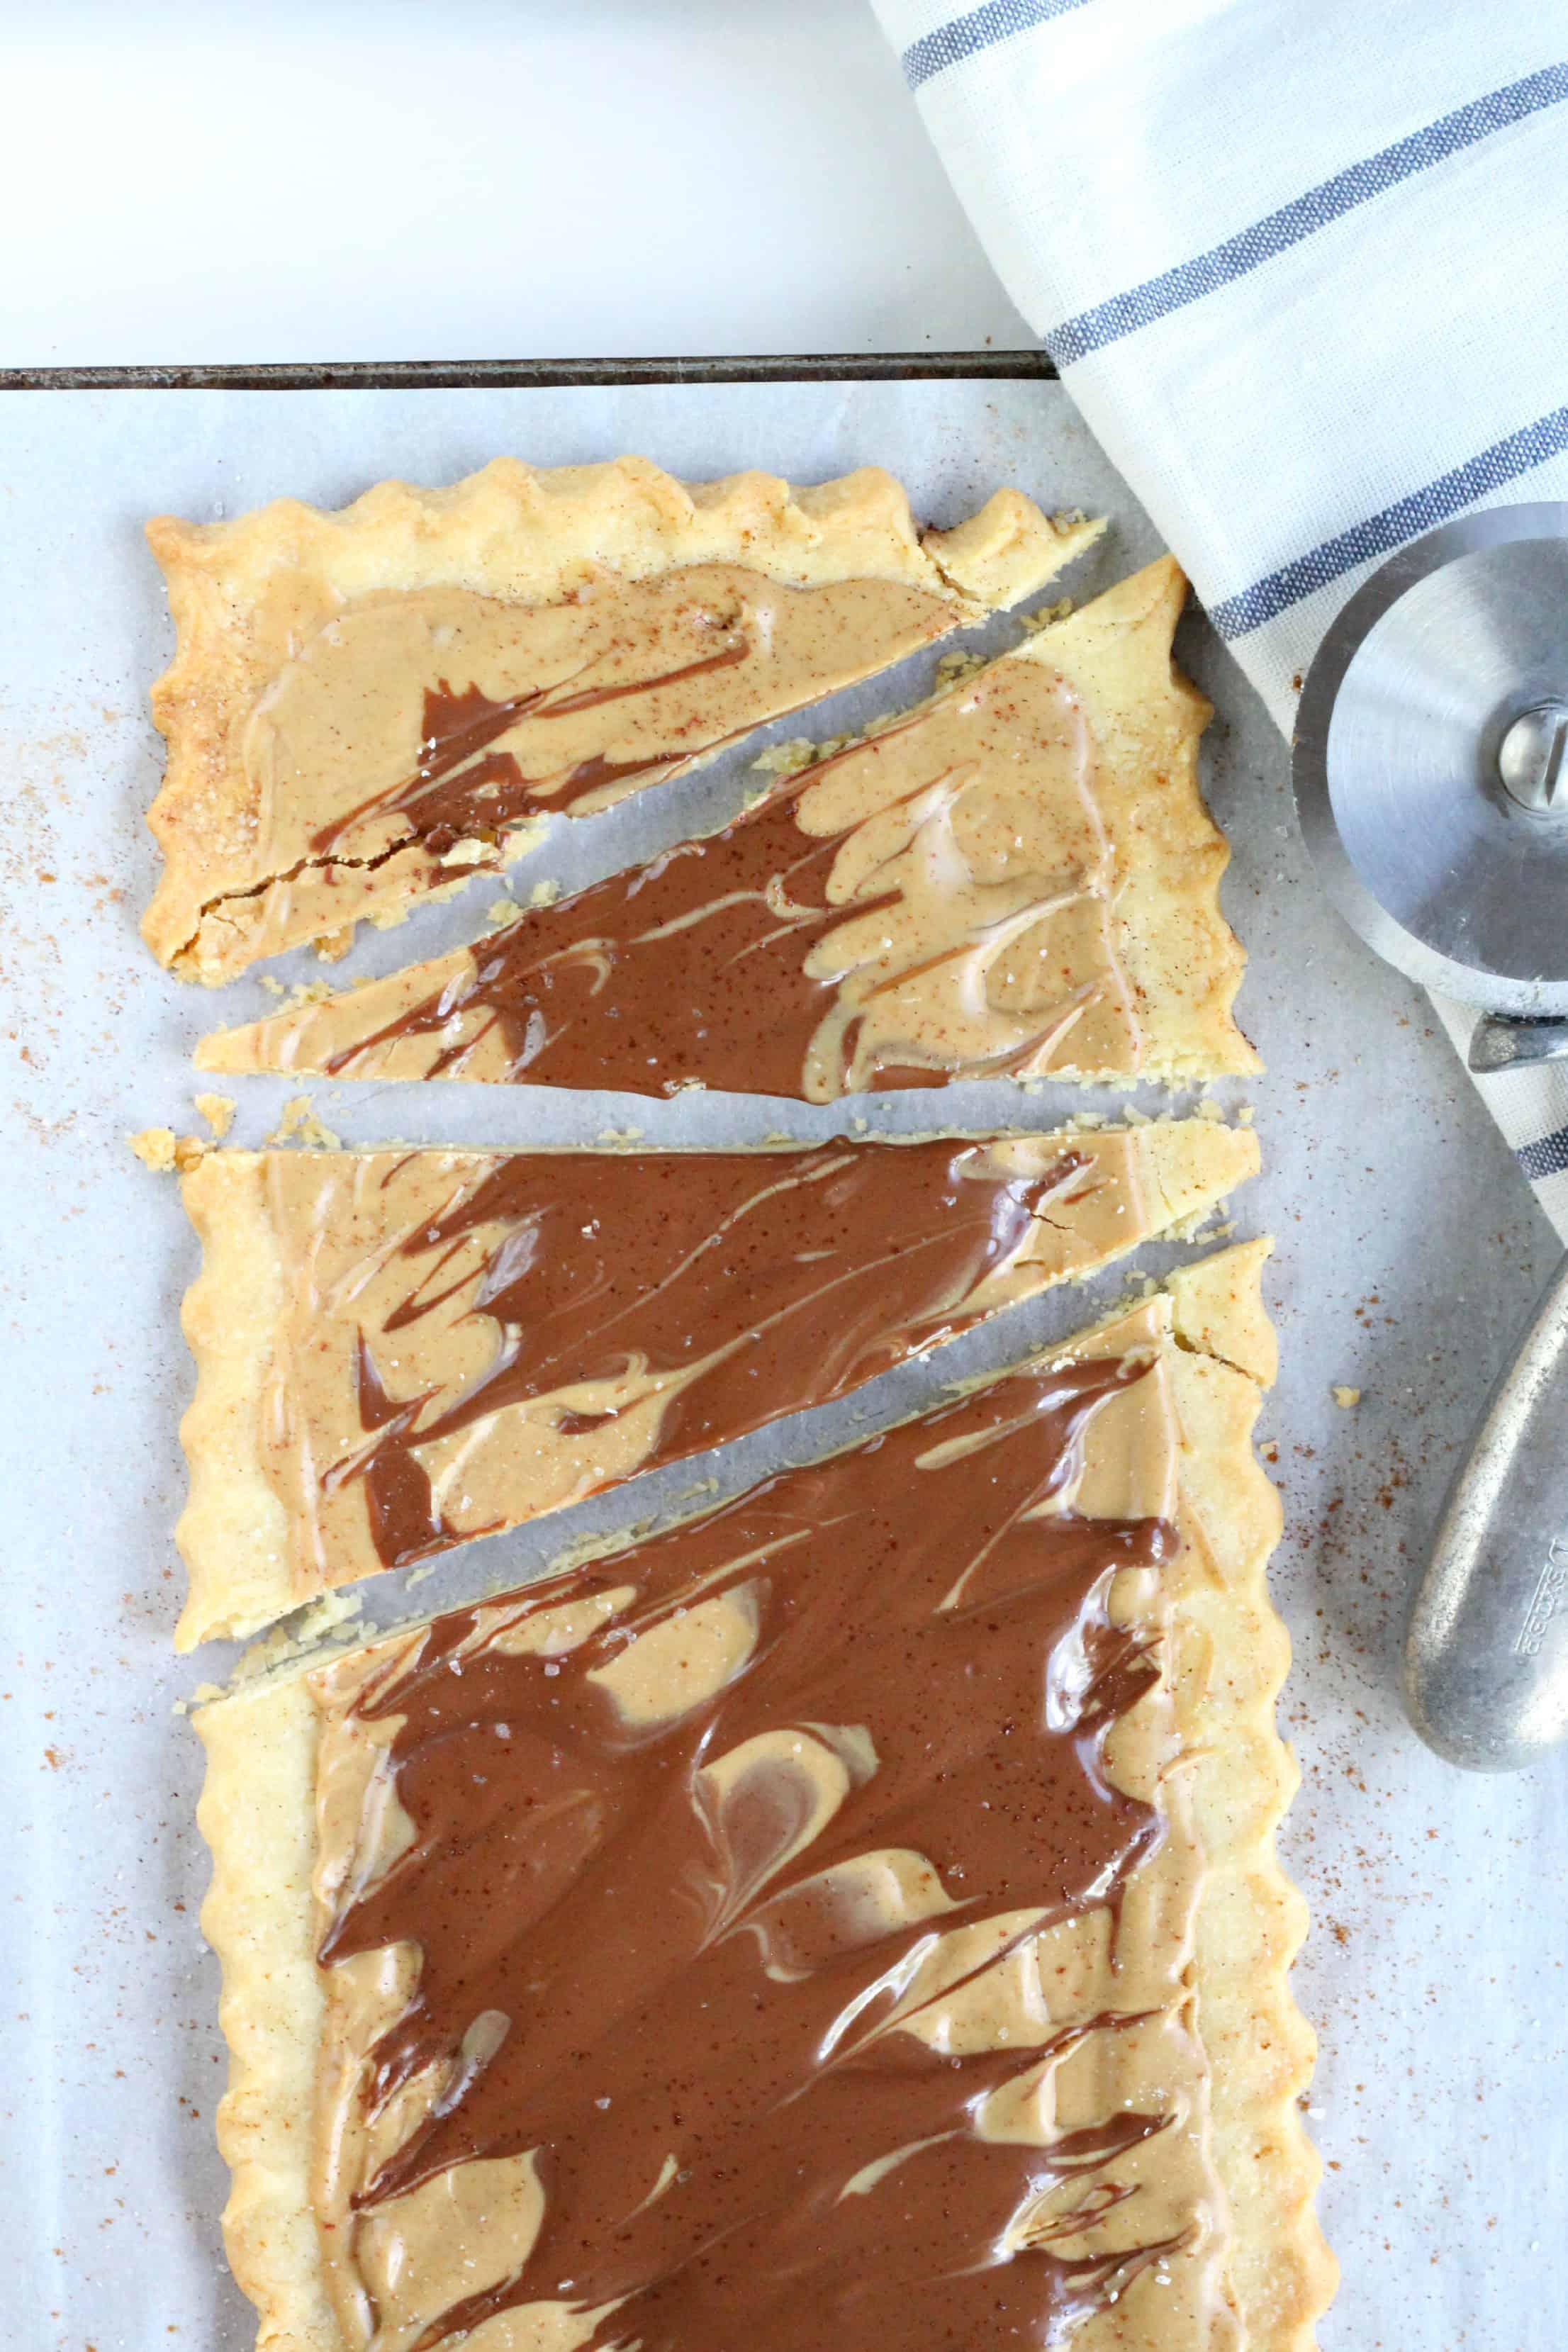 Nutella Peanut Butter Cup Shortbread Tart